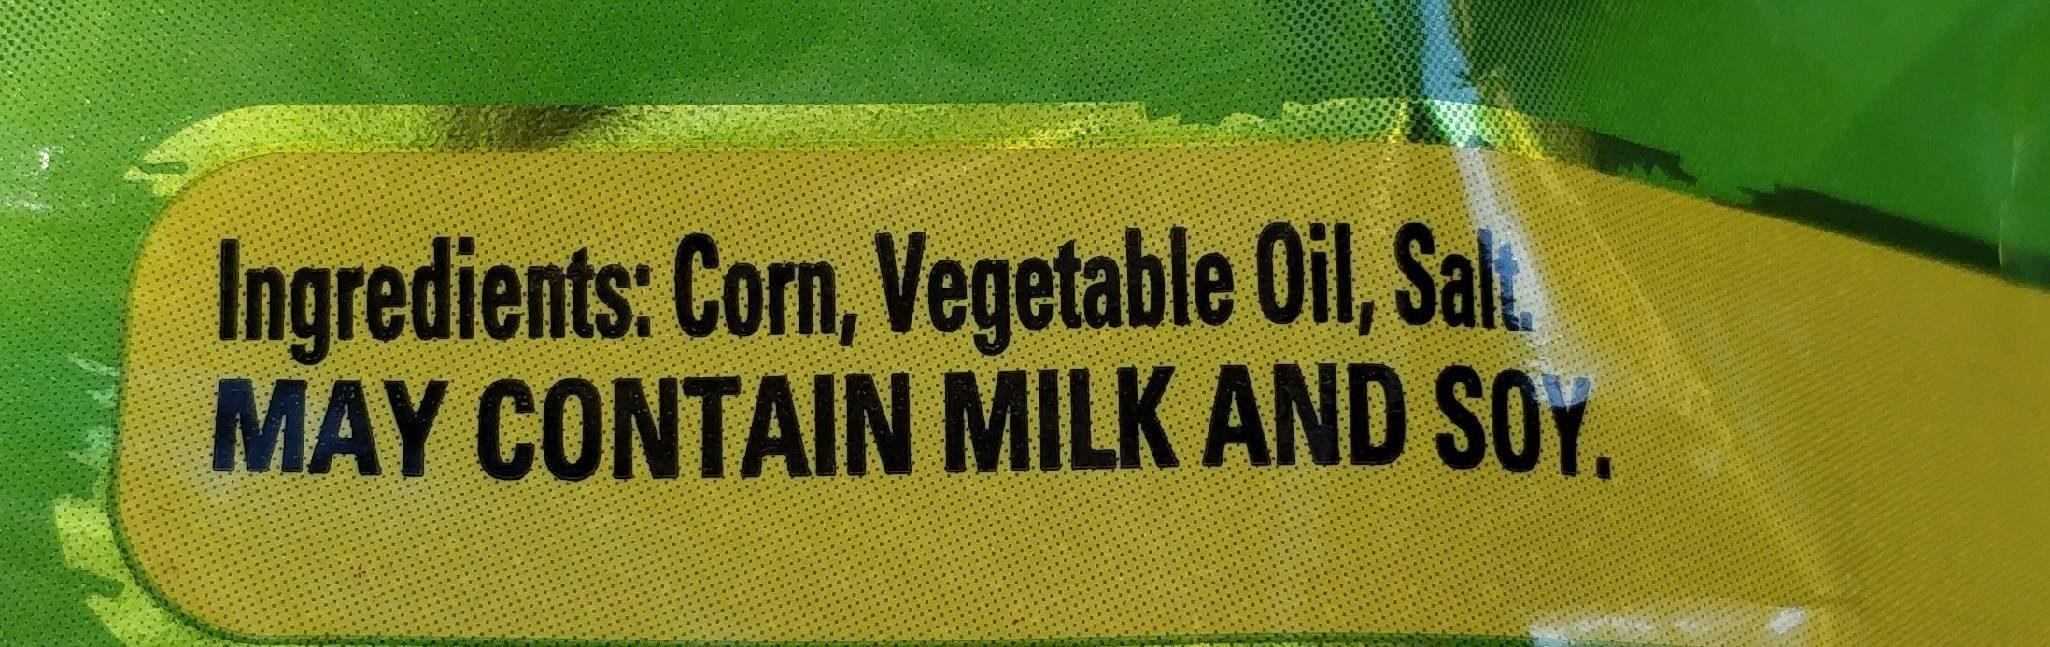 Cc's original - Ingredients